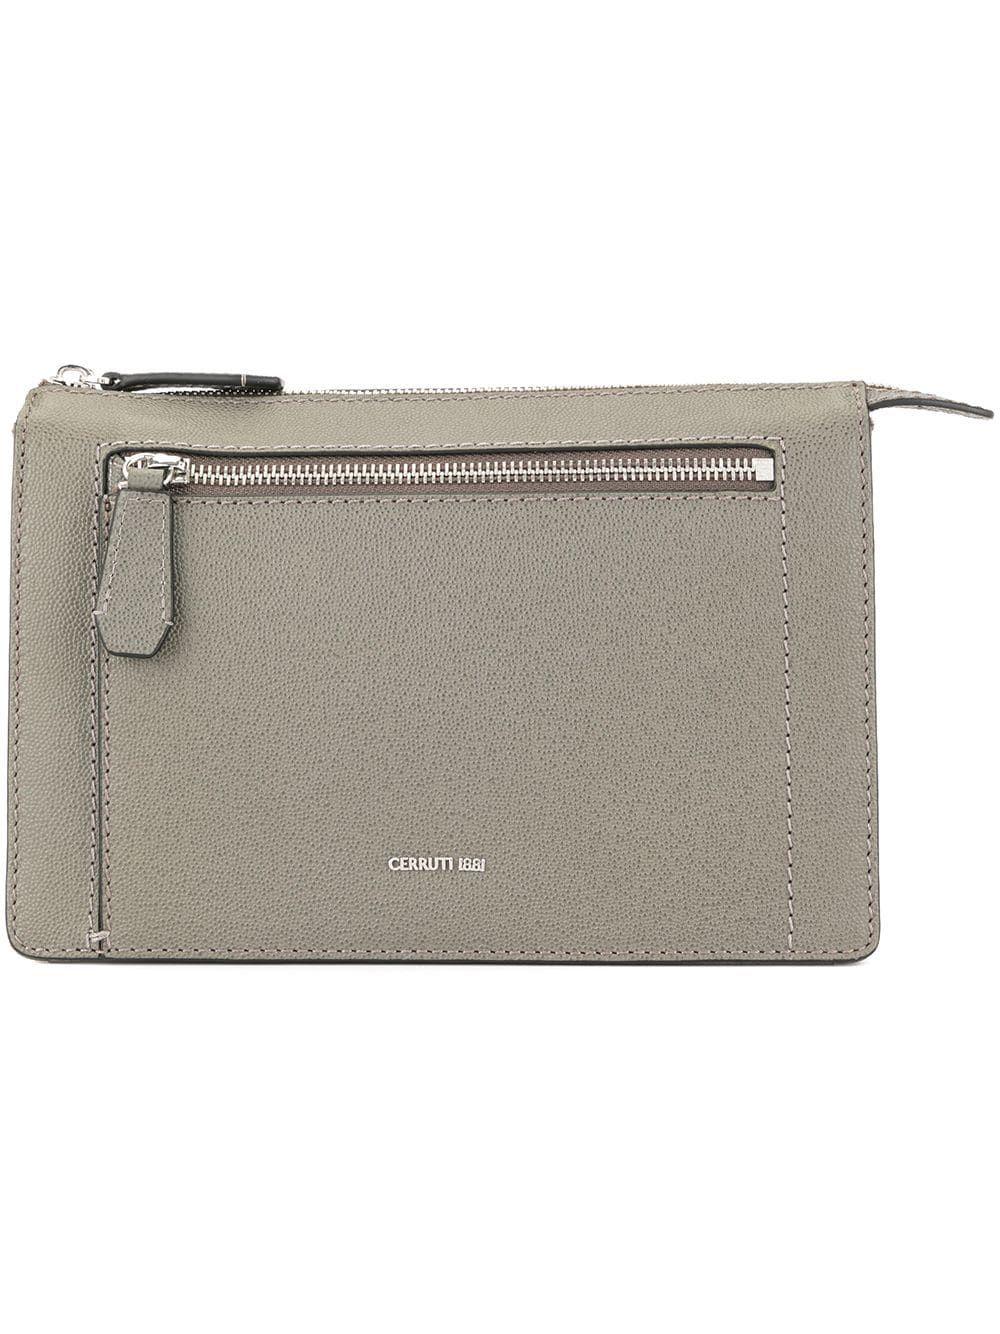 1567512b824 Cerruti 1881 zipped clutch bag - Grey in 2019   Products   Clutch ...